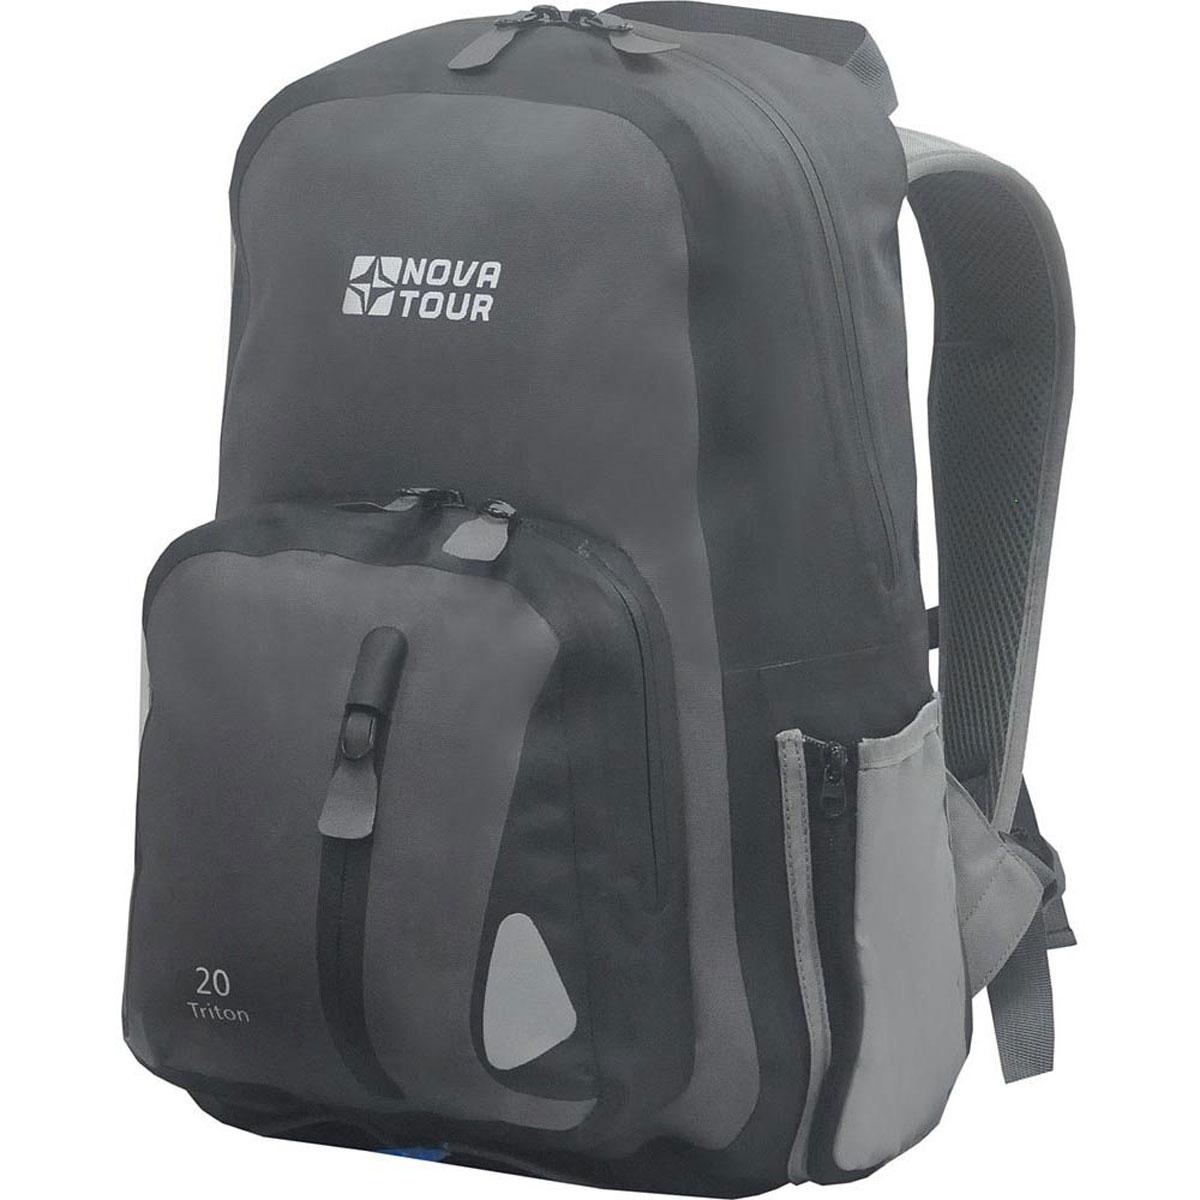 Рюкзак водонепроницаемый Nova Tour Тритон 20, цвет: серый. 95141-906-0095141-906-00Компактный рюкзак для ношения спортивной одежды и всего необходимого для тренировок на свежем воздухе. Вам больше не нужно переживать по поводу содержимого рюкзака, если на велопрогулке застанет дождь – все молнии на рюкзаке водонепроницаемы.Объем: 20 литров.